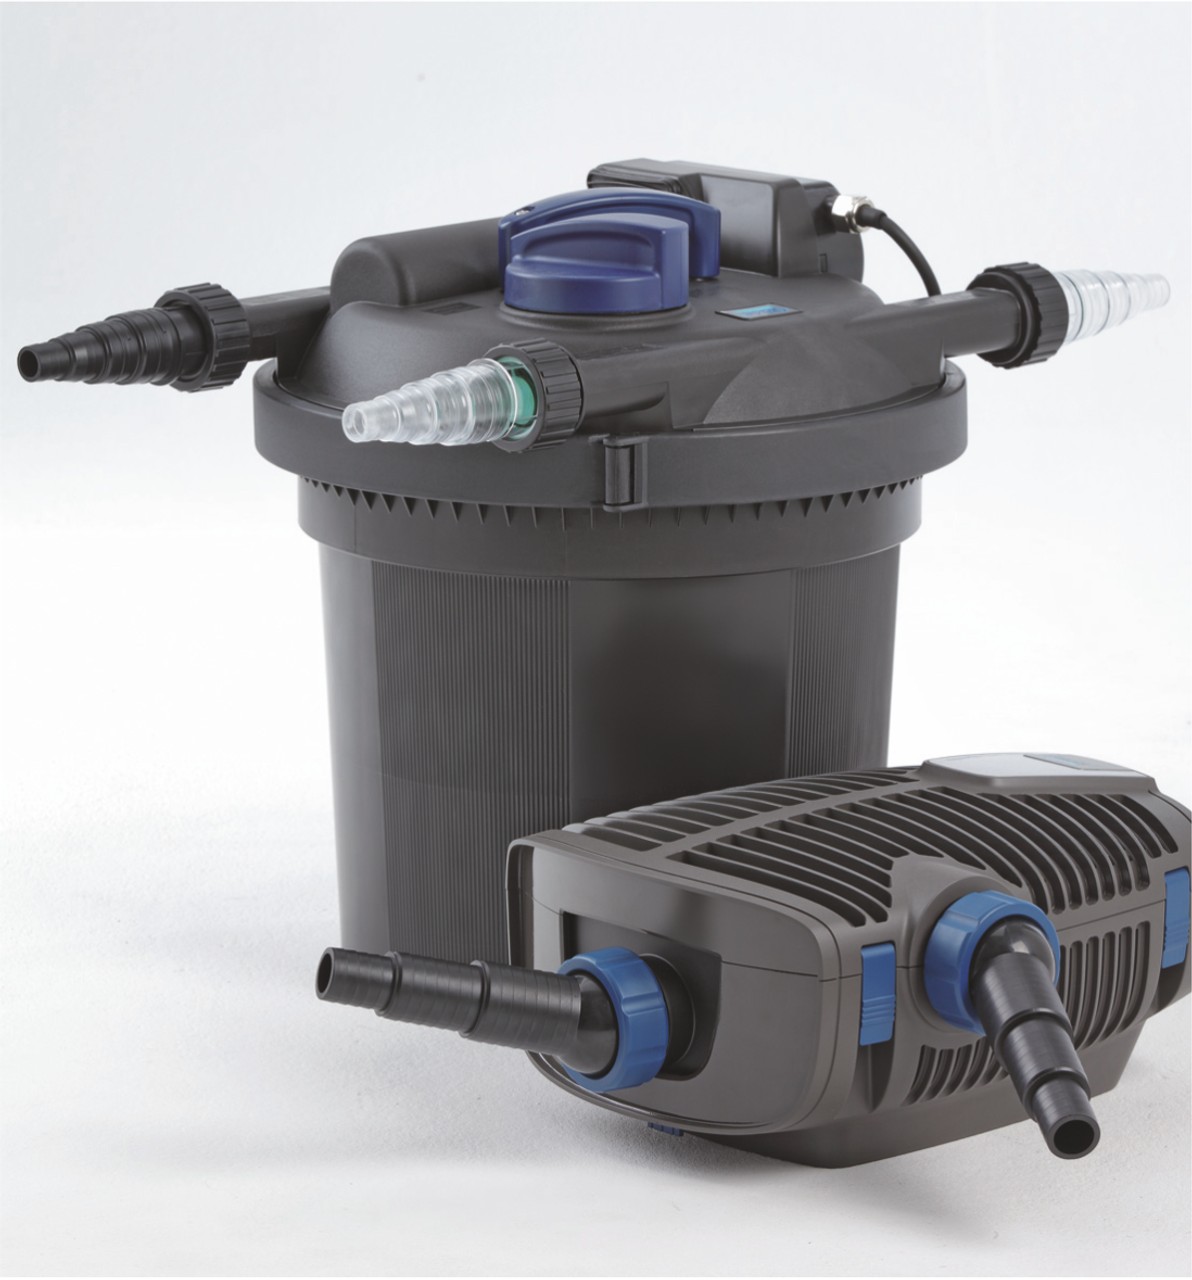 Oase filtoclear 12000 set pond filter for Pond pump and filter sets